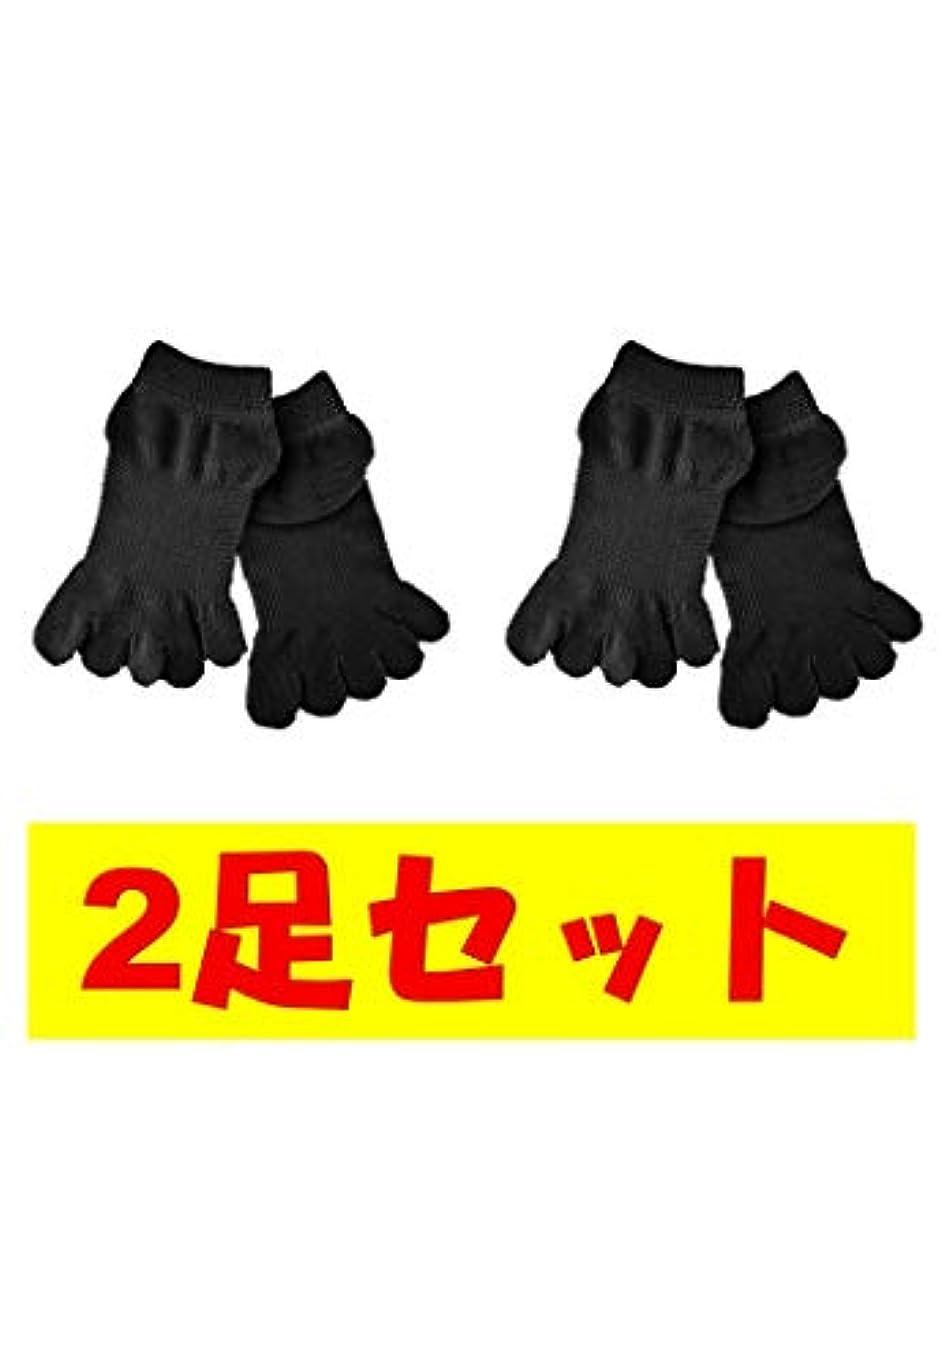 口述する加速度論理的お買い得2足セット 5本指 ゆびのばソックス ゆびのば アンクル ブラック Sサイズ 21.0cm-24.0cm YSANKL-BLK